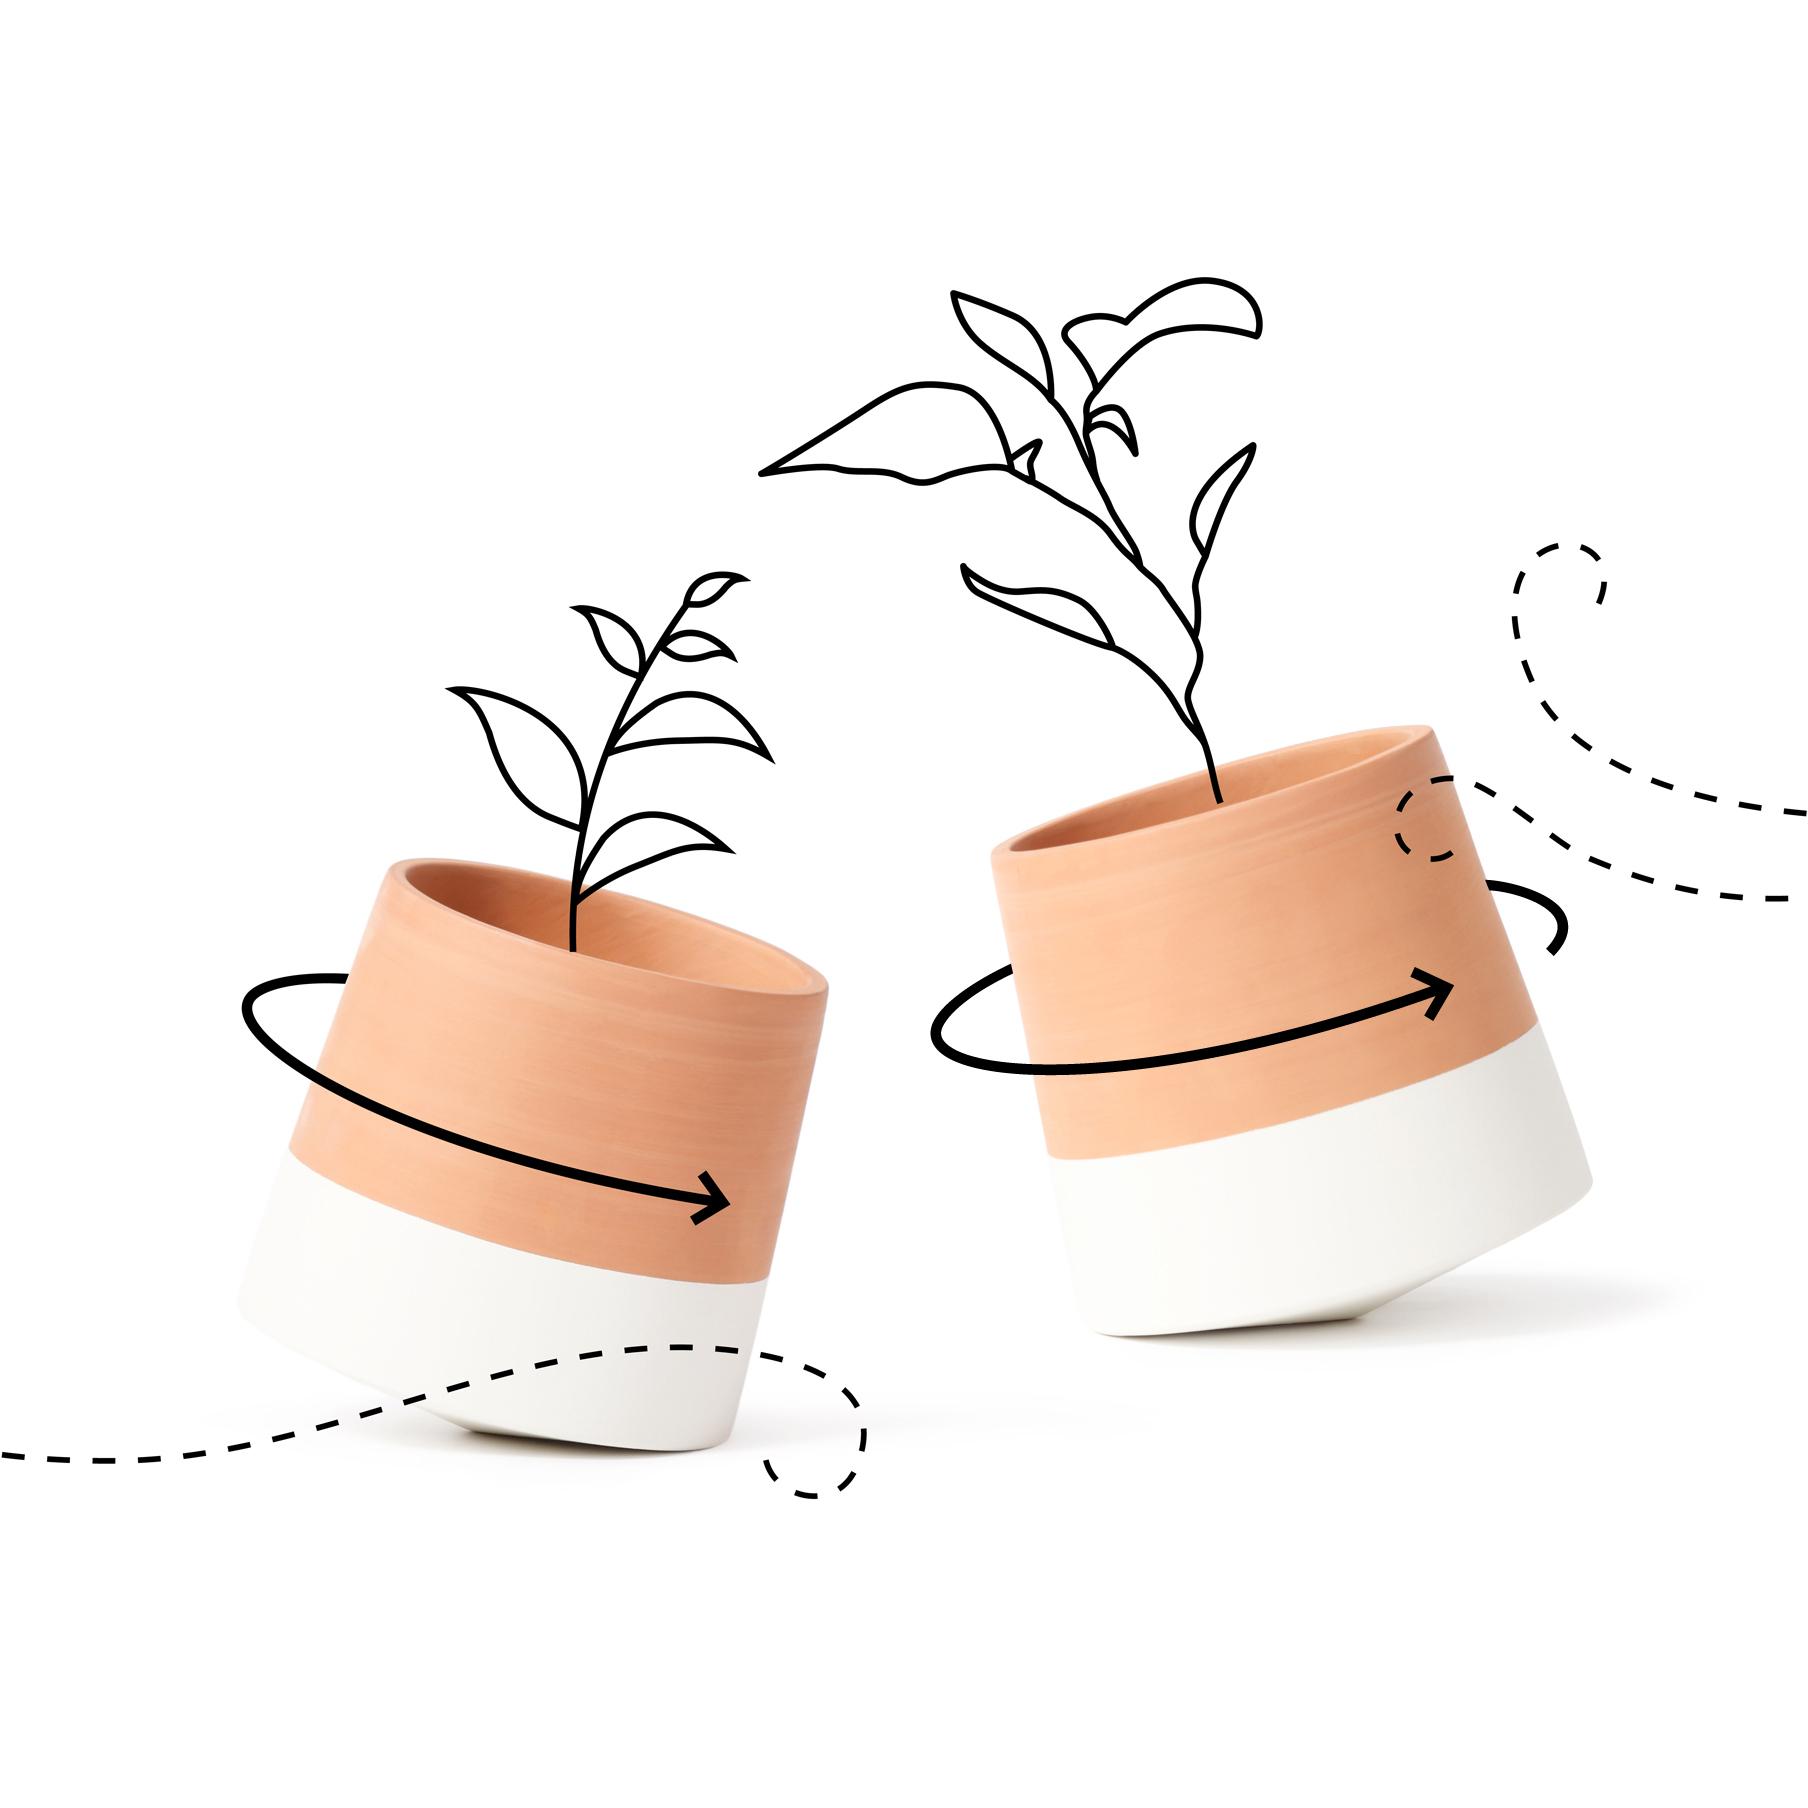 Ettersom vinden blåser og tar tak i plantene, vil krukken snurre rundt sin egen akse og skape liv på terrassen. Med frisk rosmarin på kjøkkenbenken eller på bordet vil bevegelsene gjøre at det lukter ekstra godt i hjemmet!